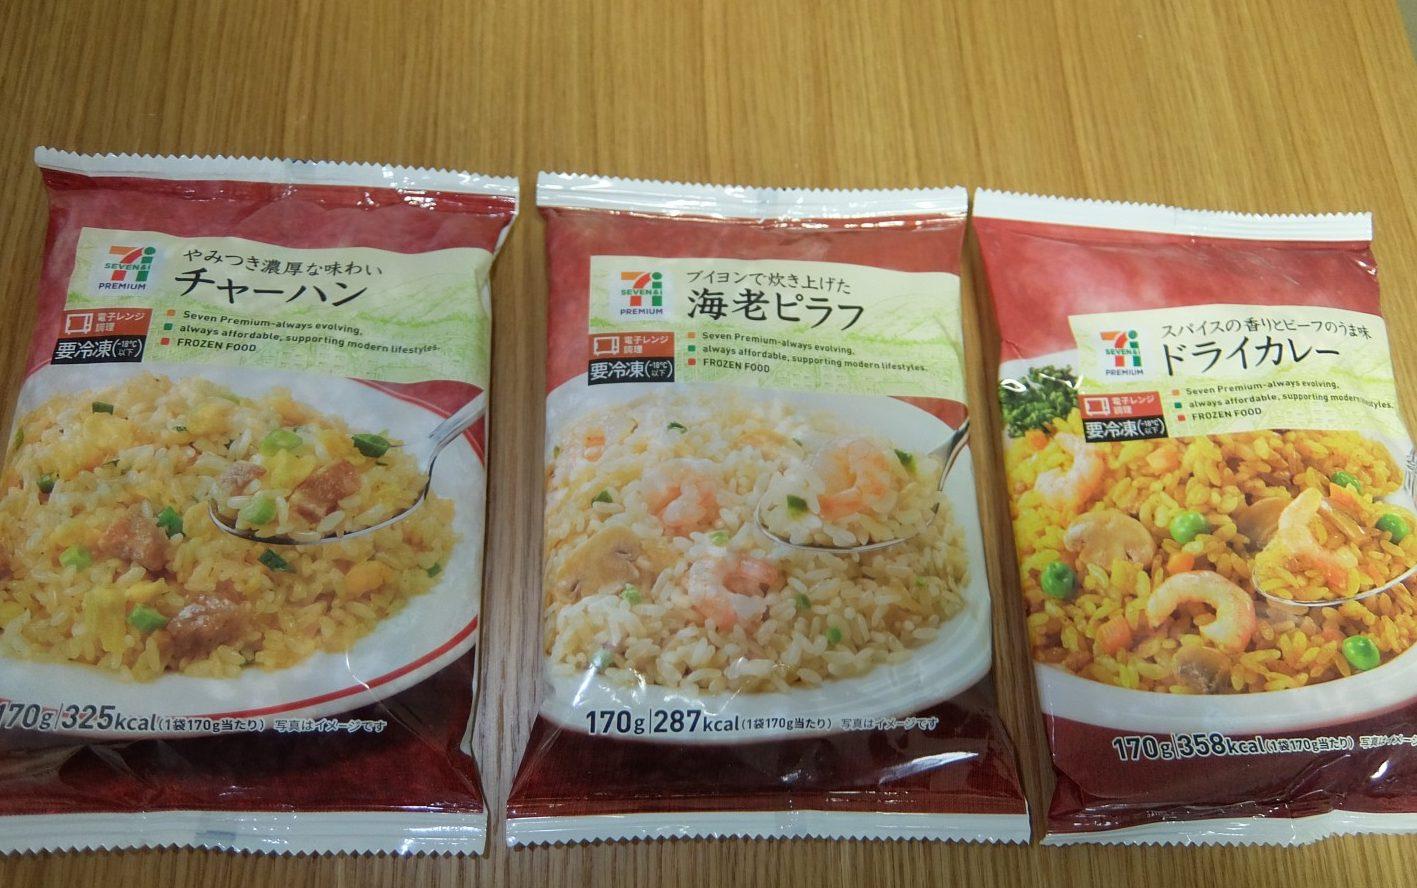 セブンイレブンの個食パック冷凍米飯類3品。カップ入りも便利でしたが、、、、